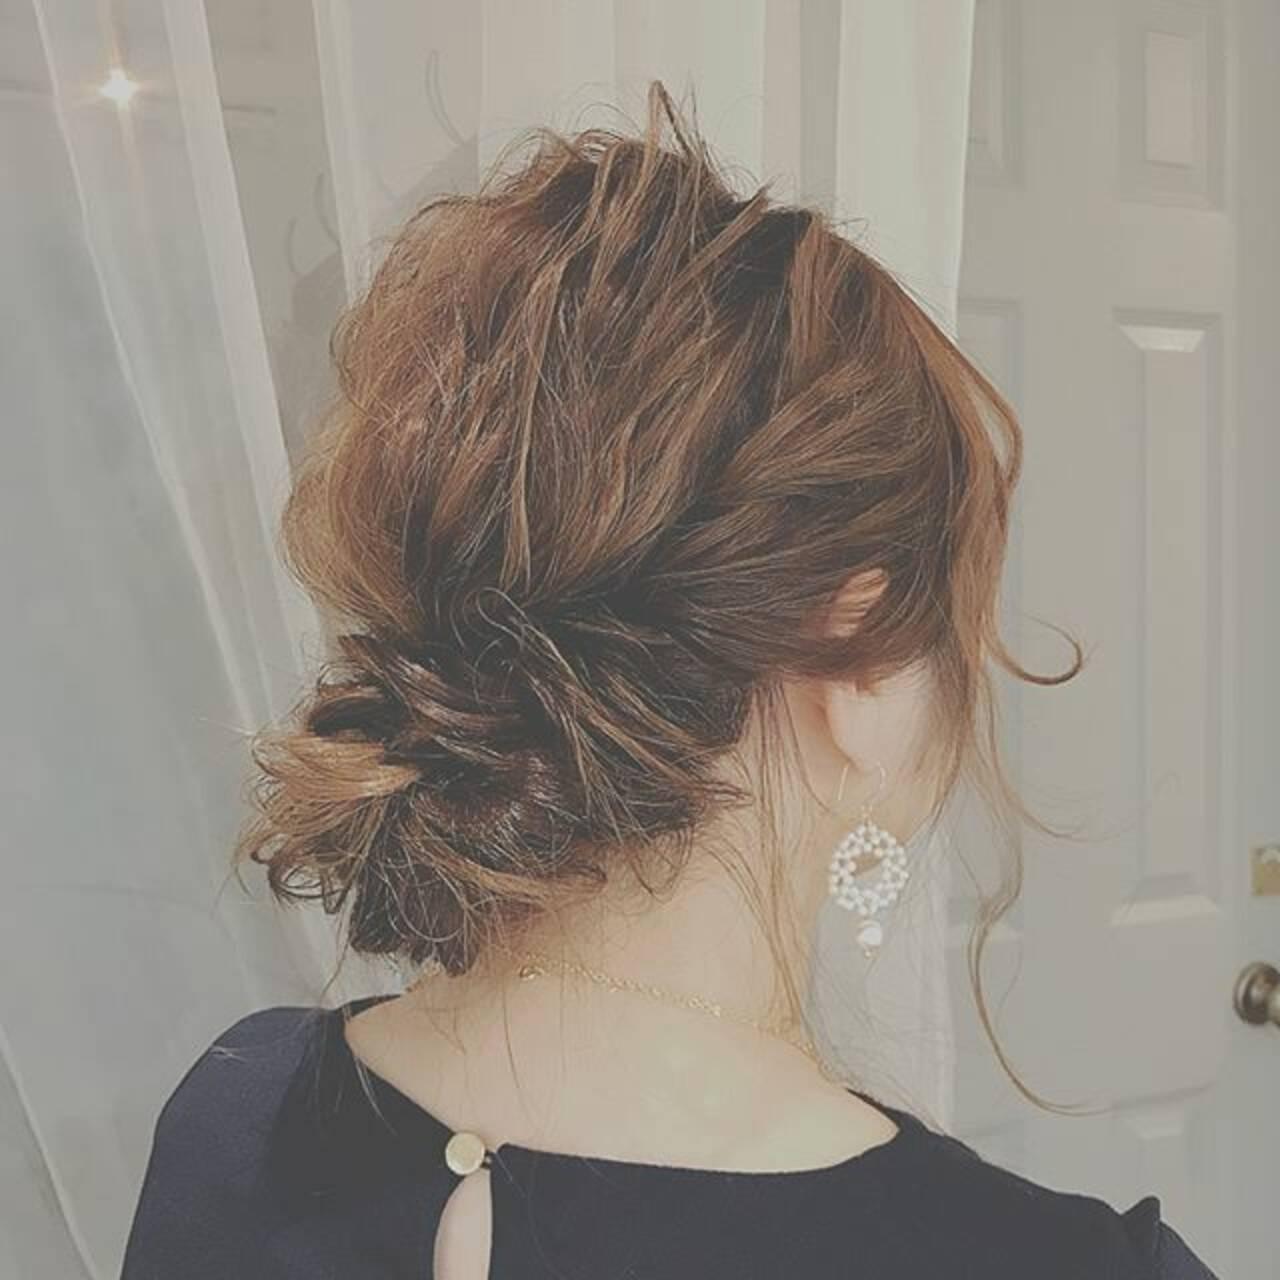 フェミニン ゆるふわ ロング 大人かわいいヘアスタイルや髪型の写真・画像